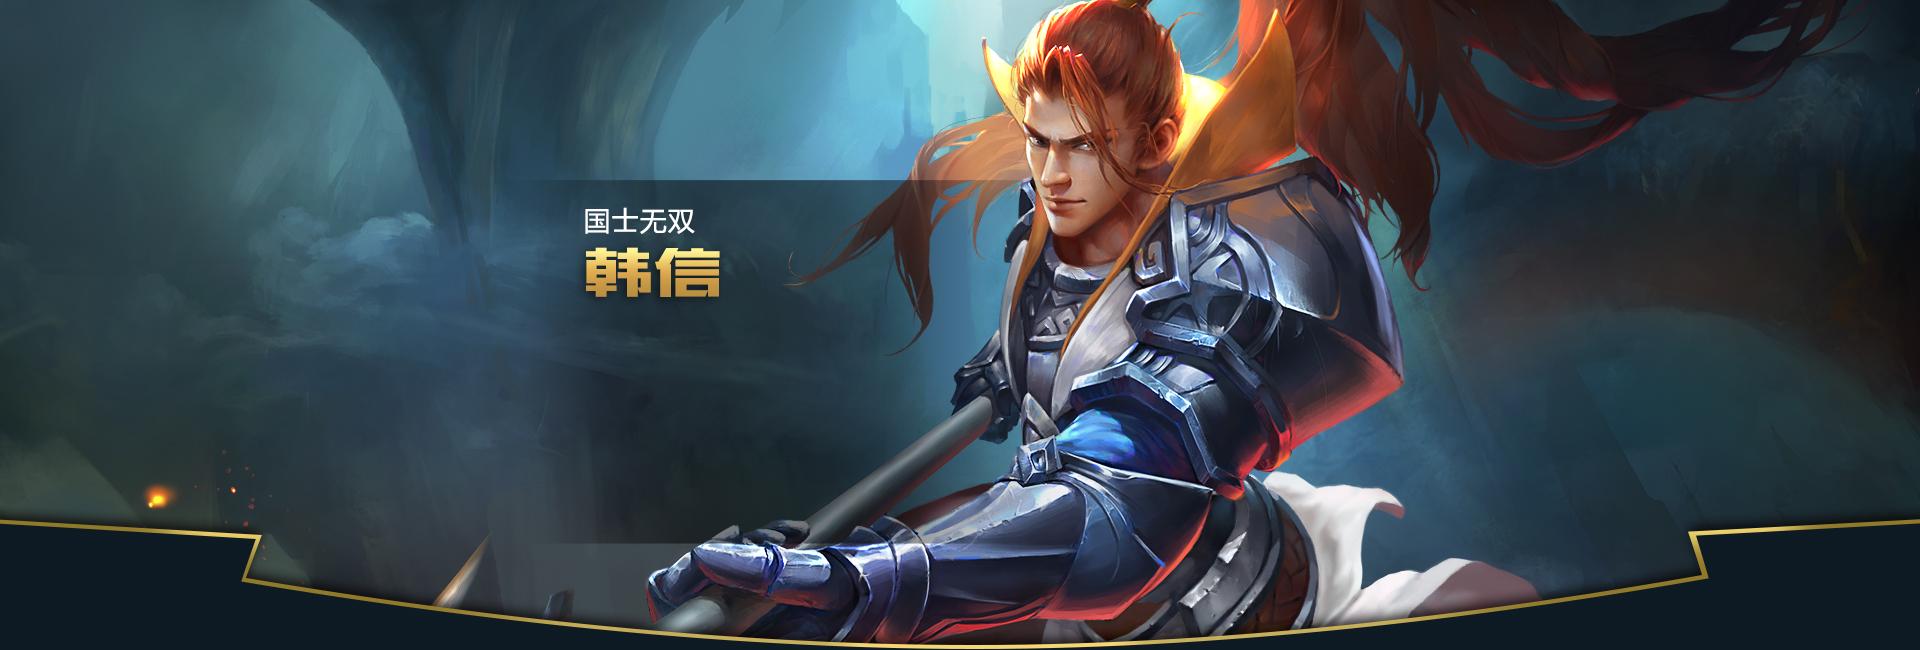 第2弹《王者荣耀英雄皮肤CG》竞技游戏136